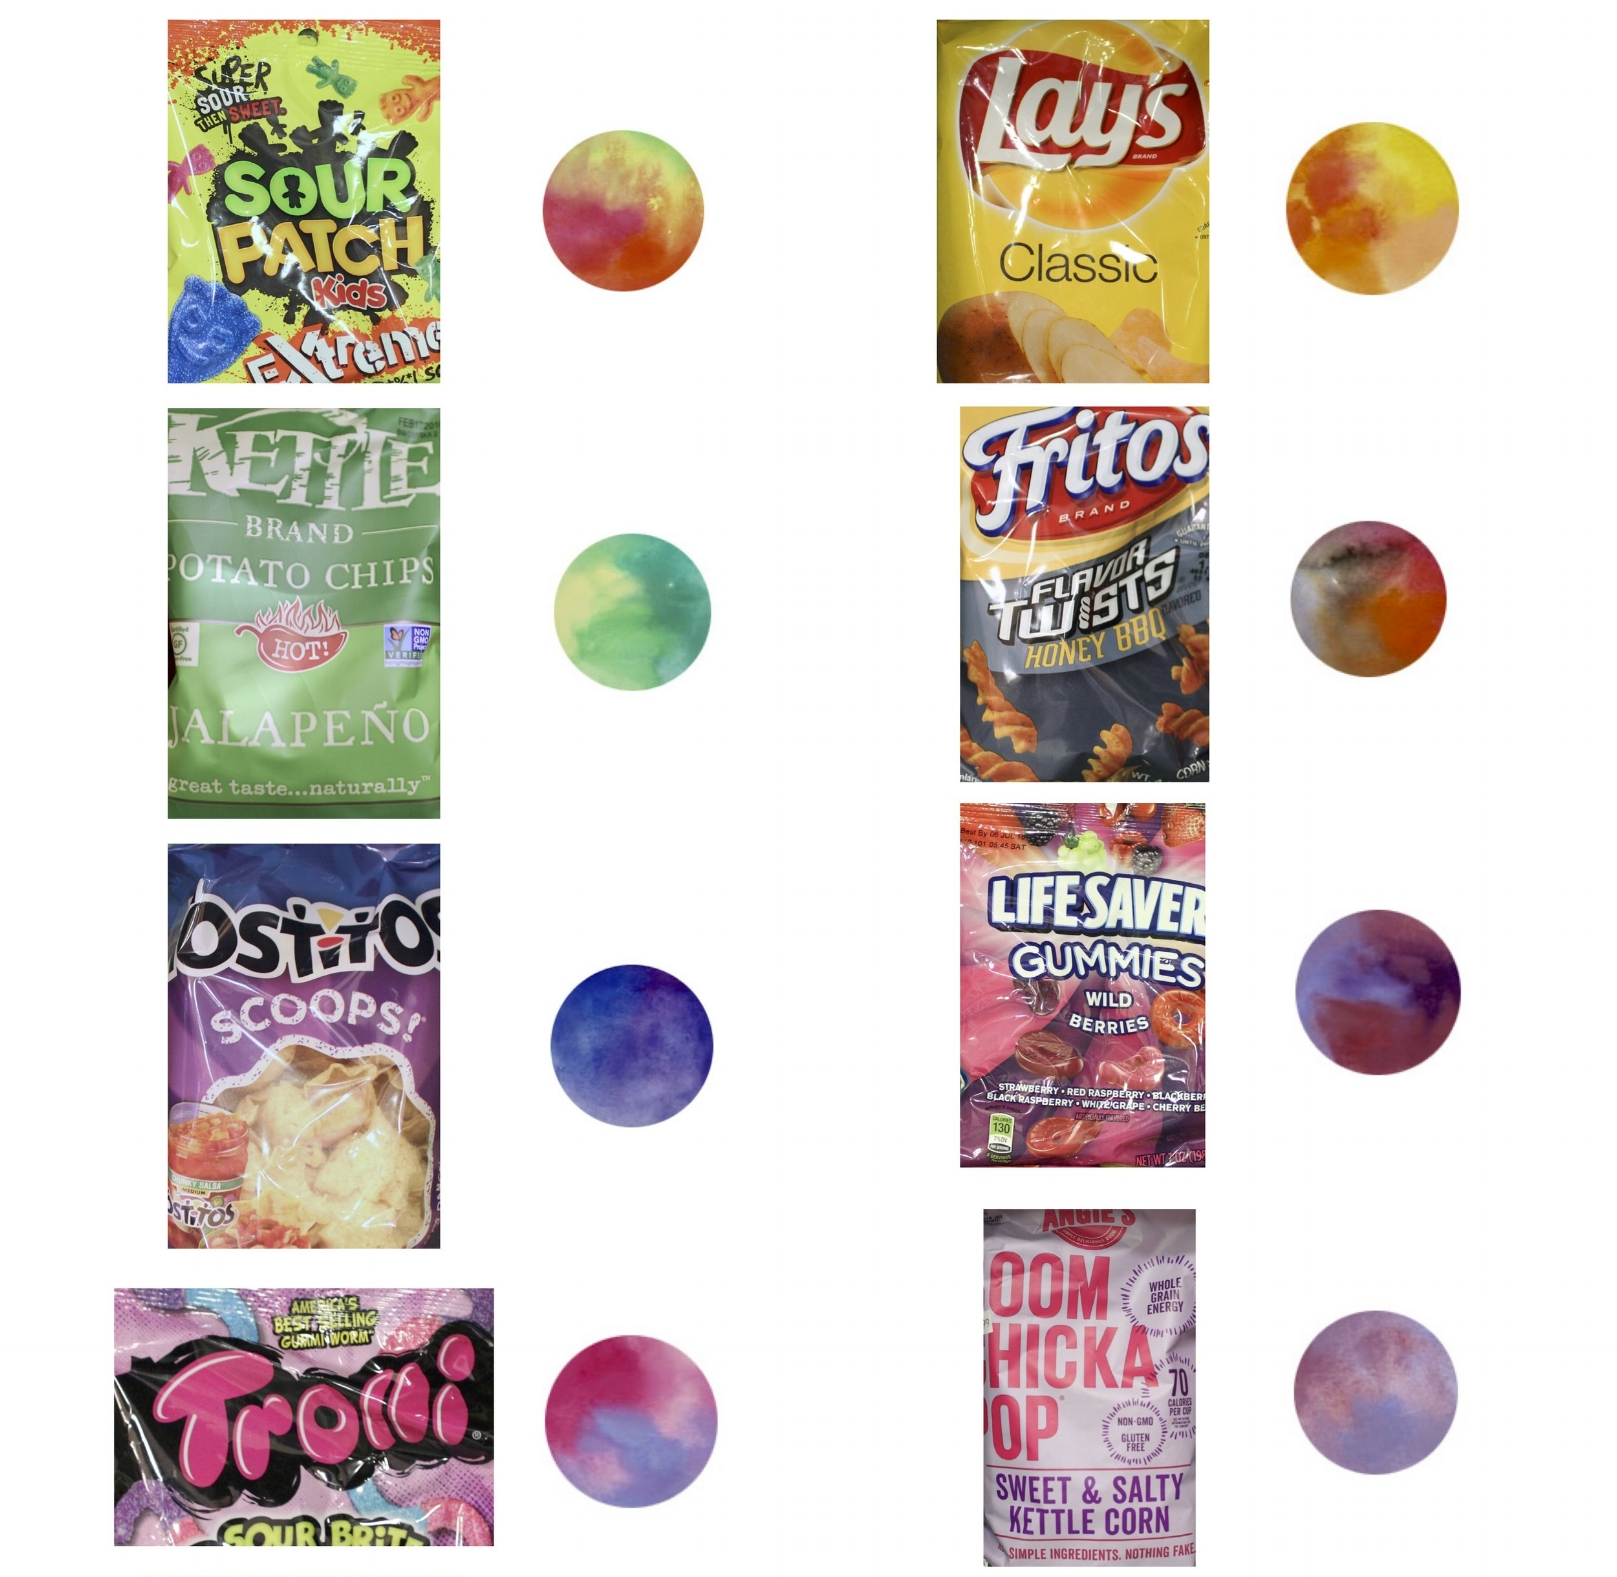 4food samples.jpg